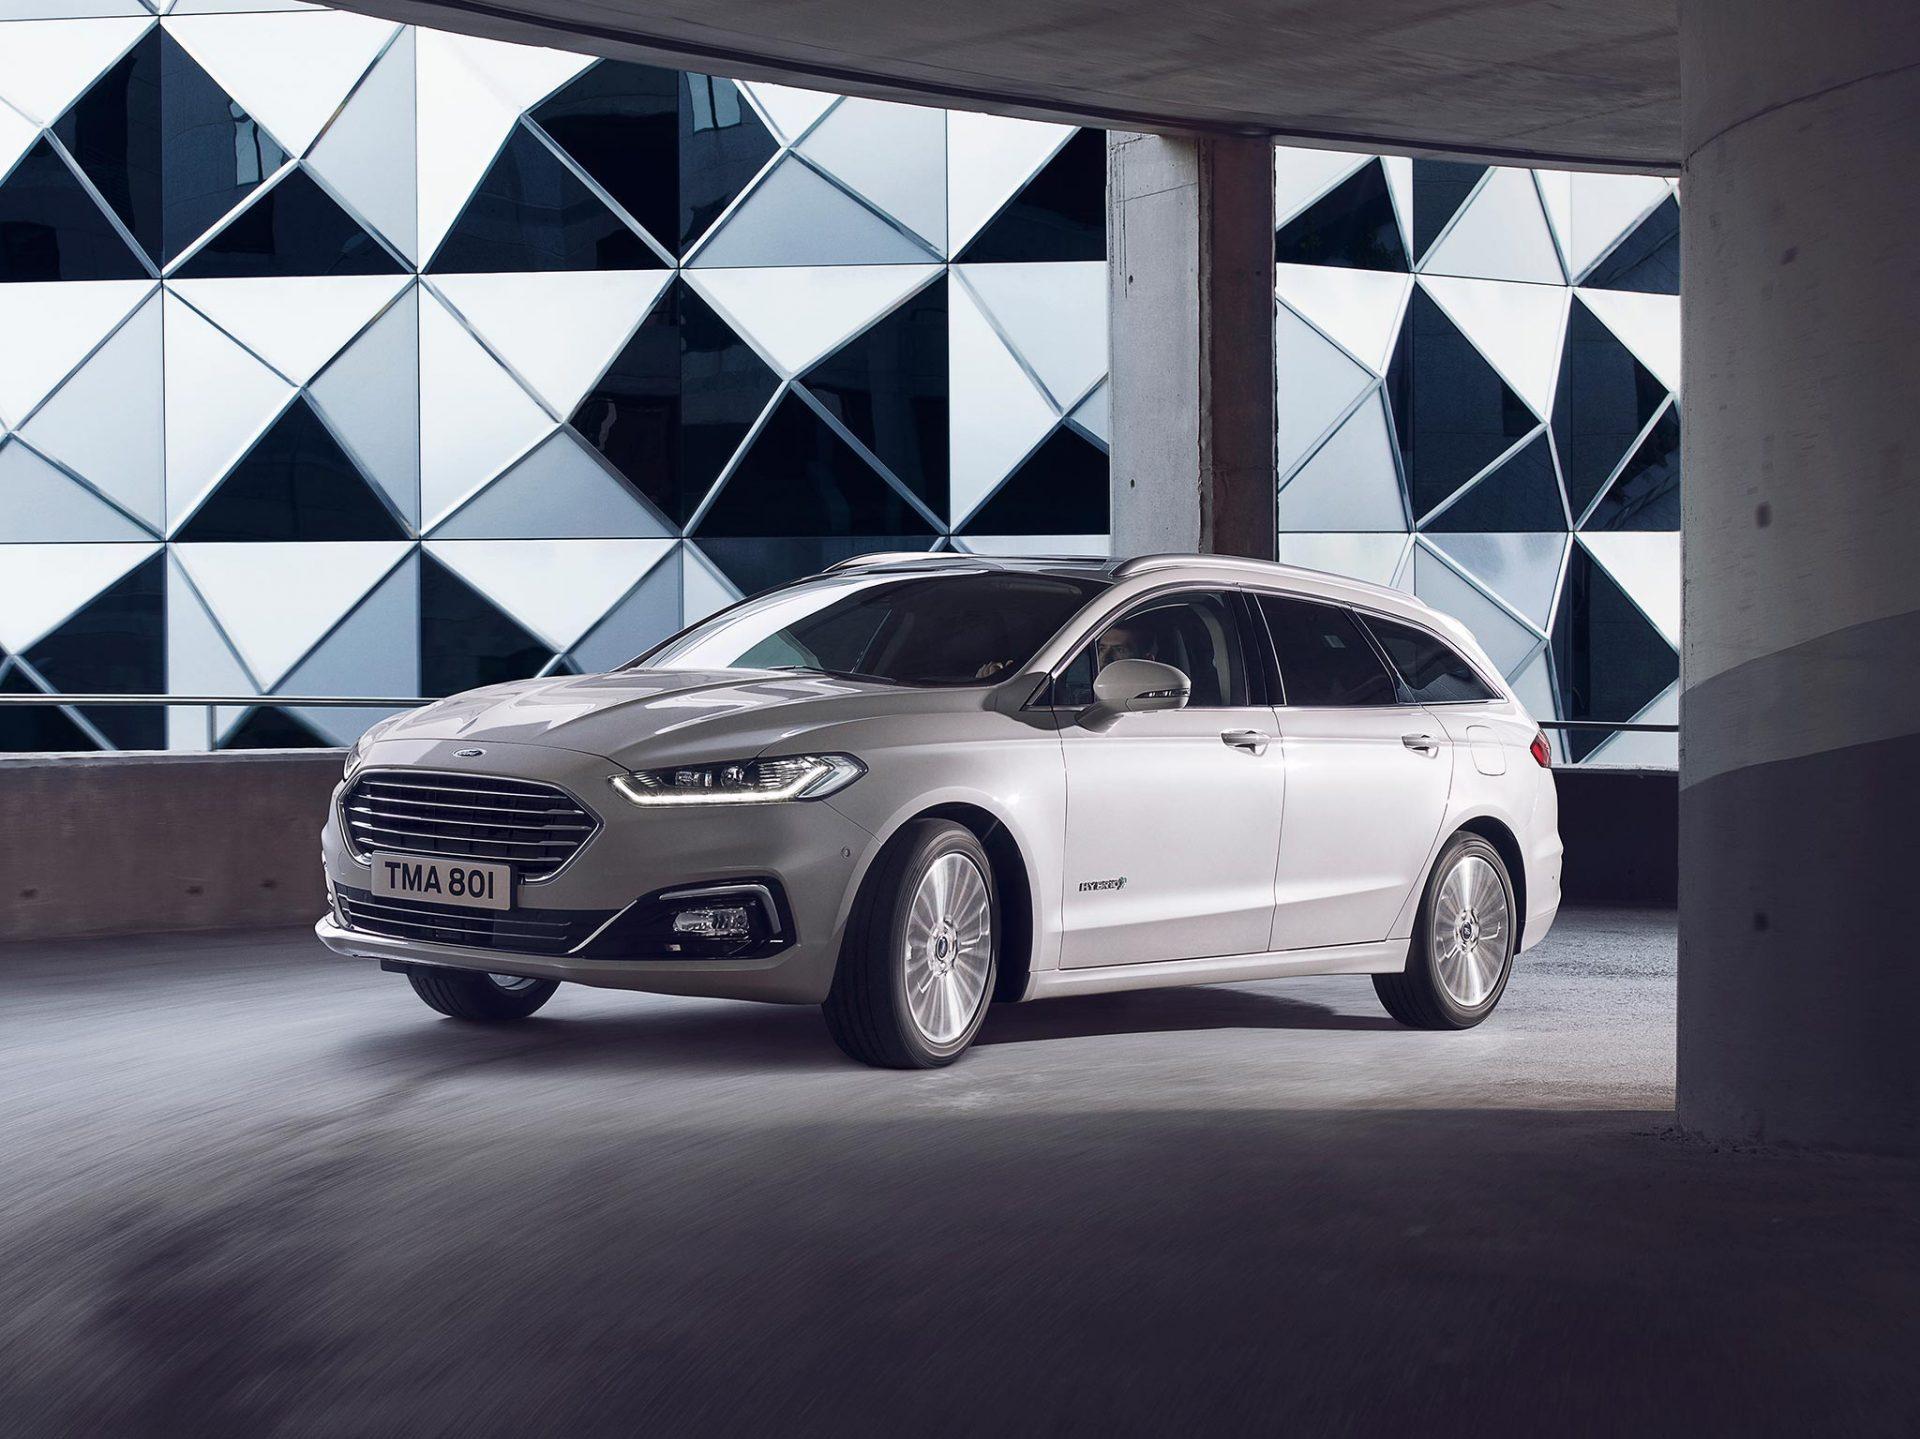 Ford Mondeo Hybrid leveres med en rekke motoralternativer